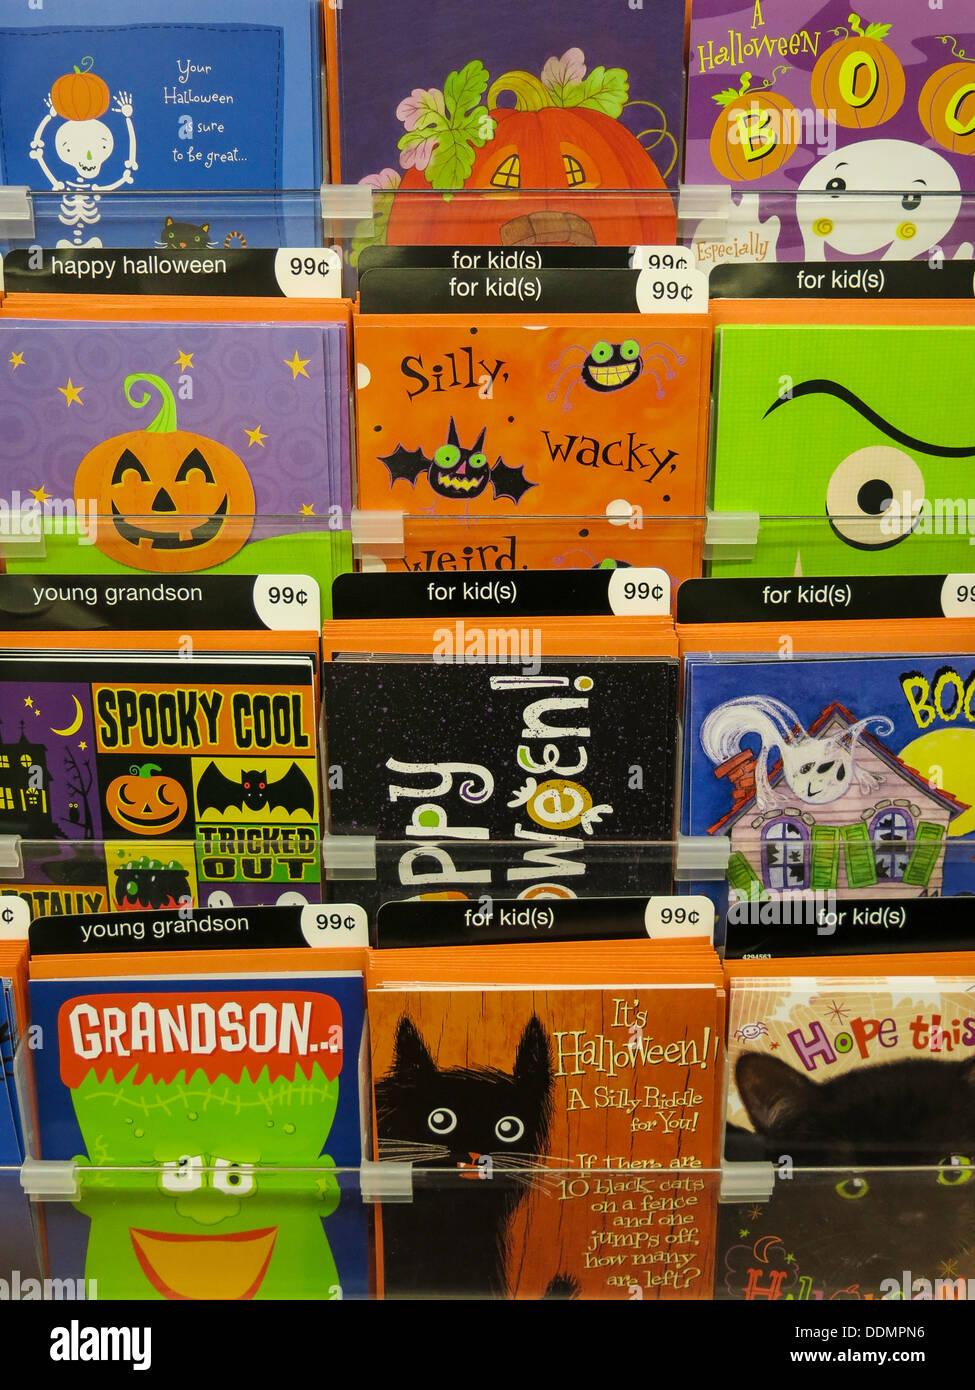 kmart halloween store display nyc - Kmart Halloween